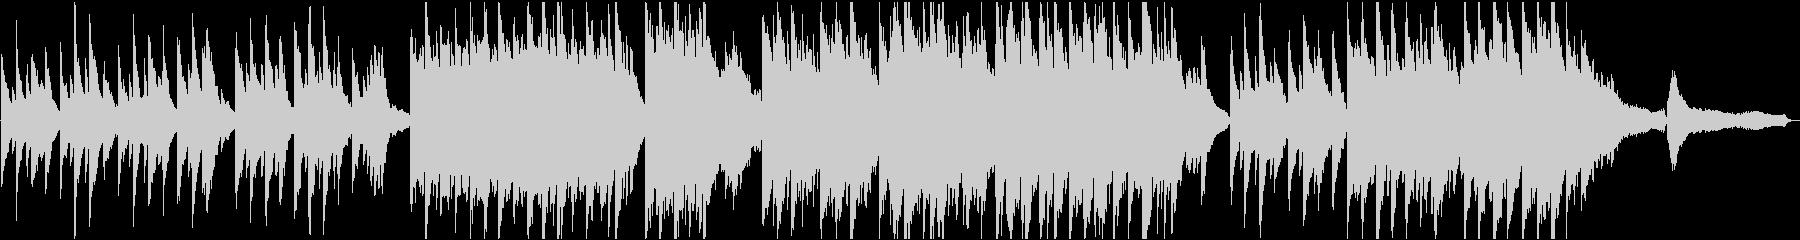 企業VP34 16bit44kHzVerの未再生の波形